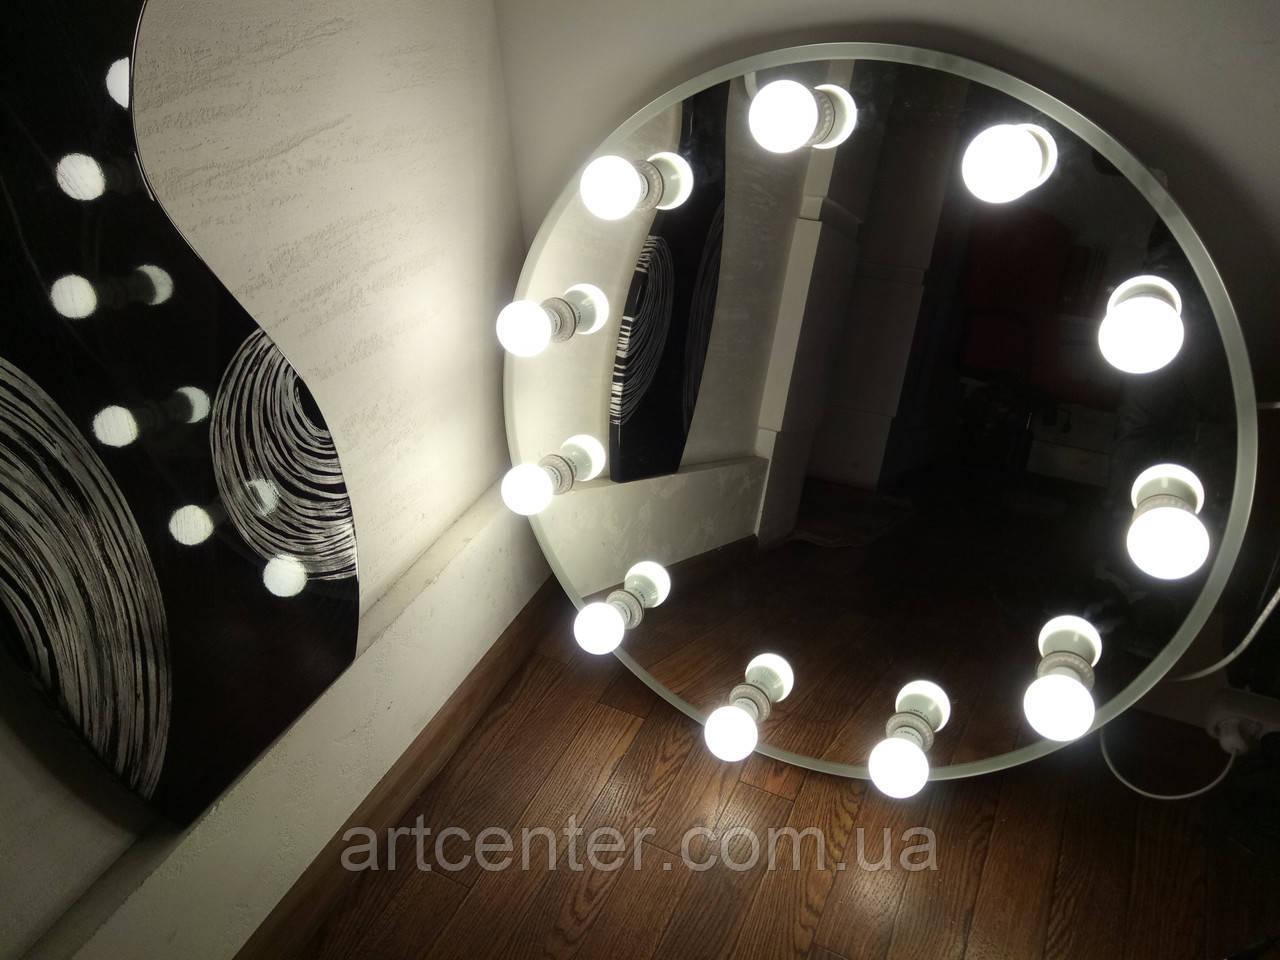 Зеркало круглое с врезными цоколями для лампочек, навесное